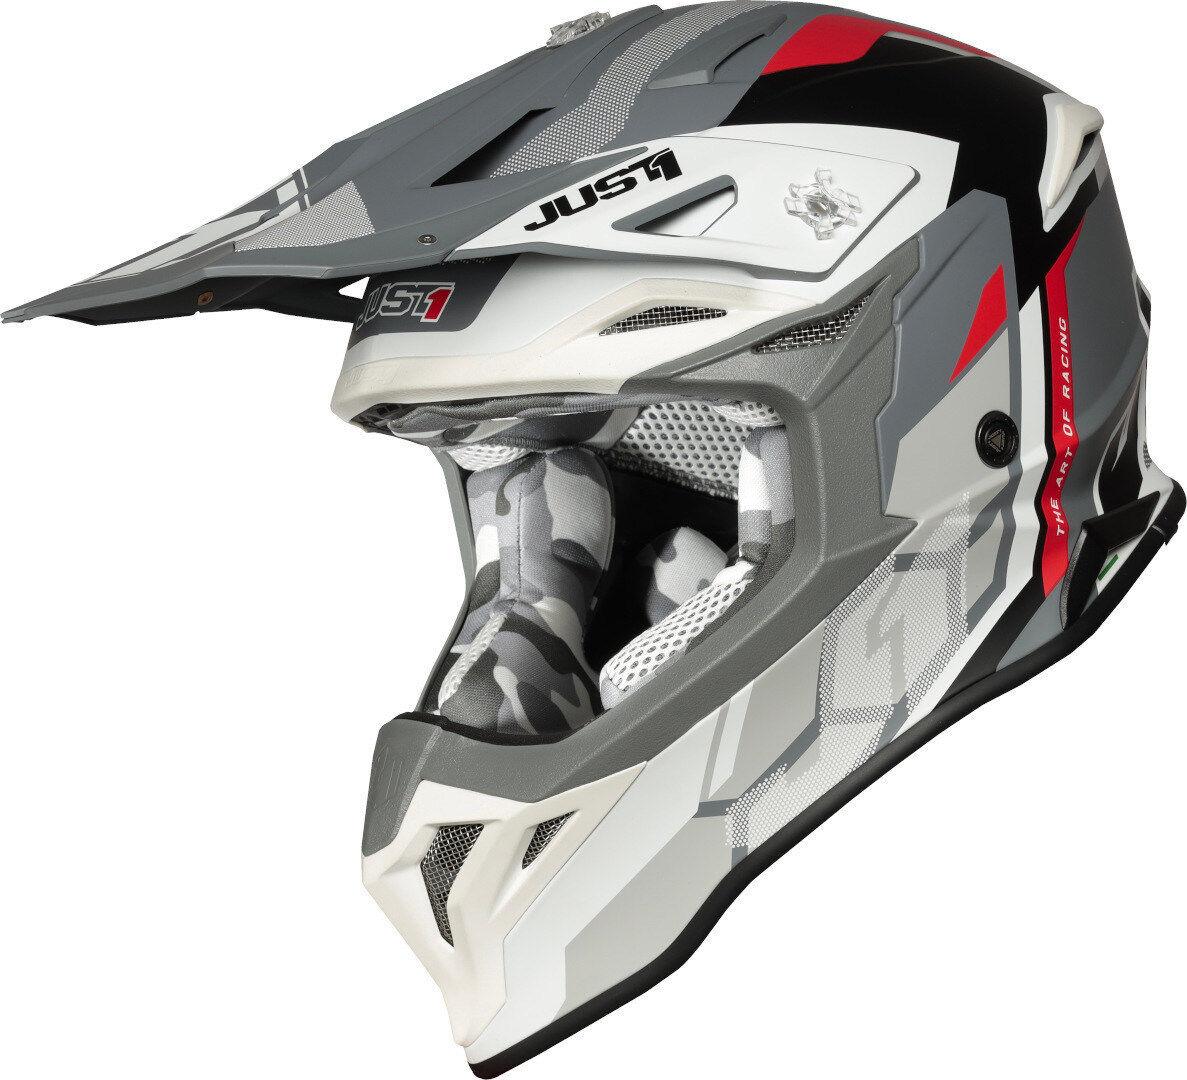 Just1 J39 Reactor Motocross kypärä  - Harmaa Valkoinen Punainen - Size: L